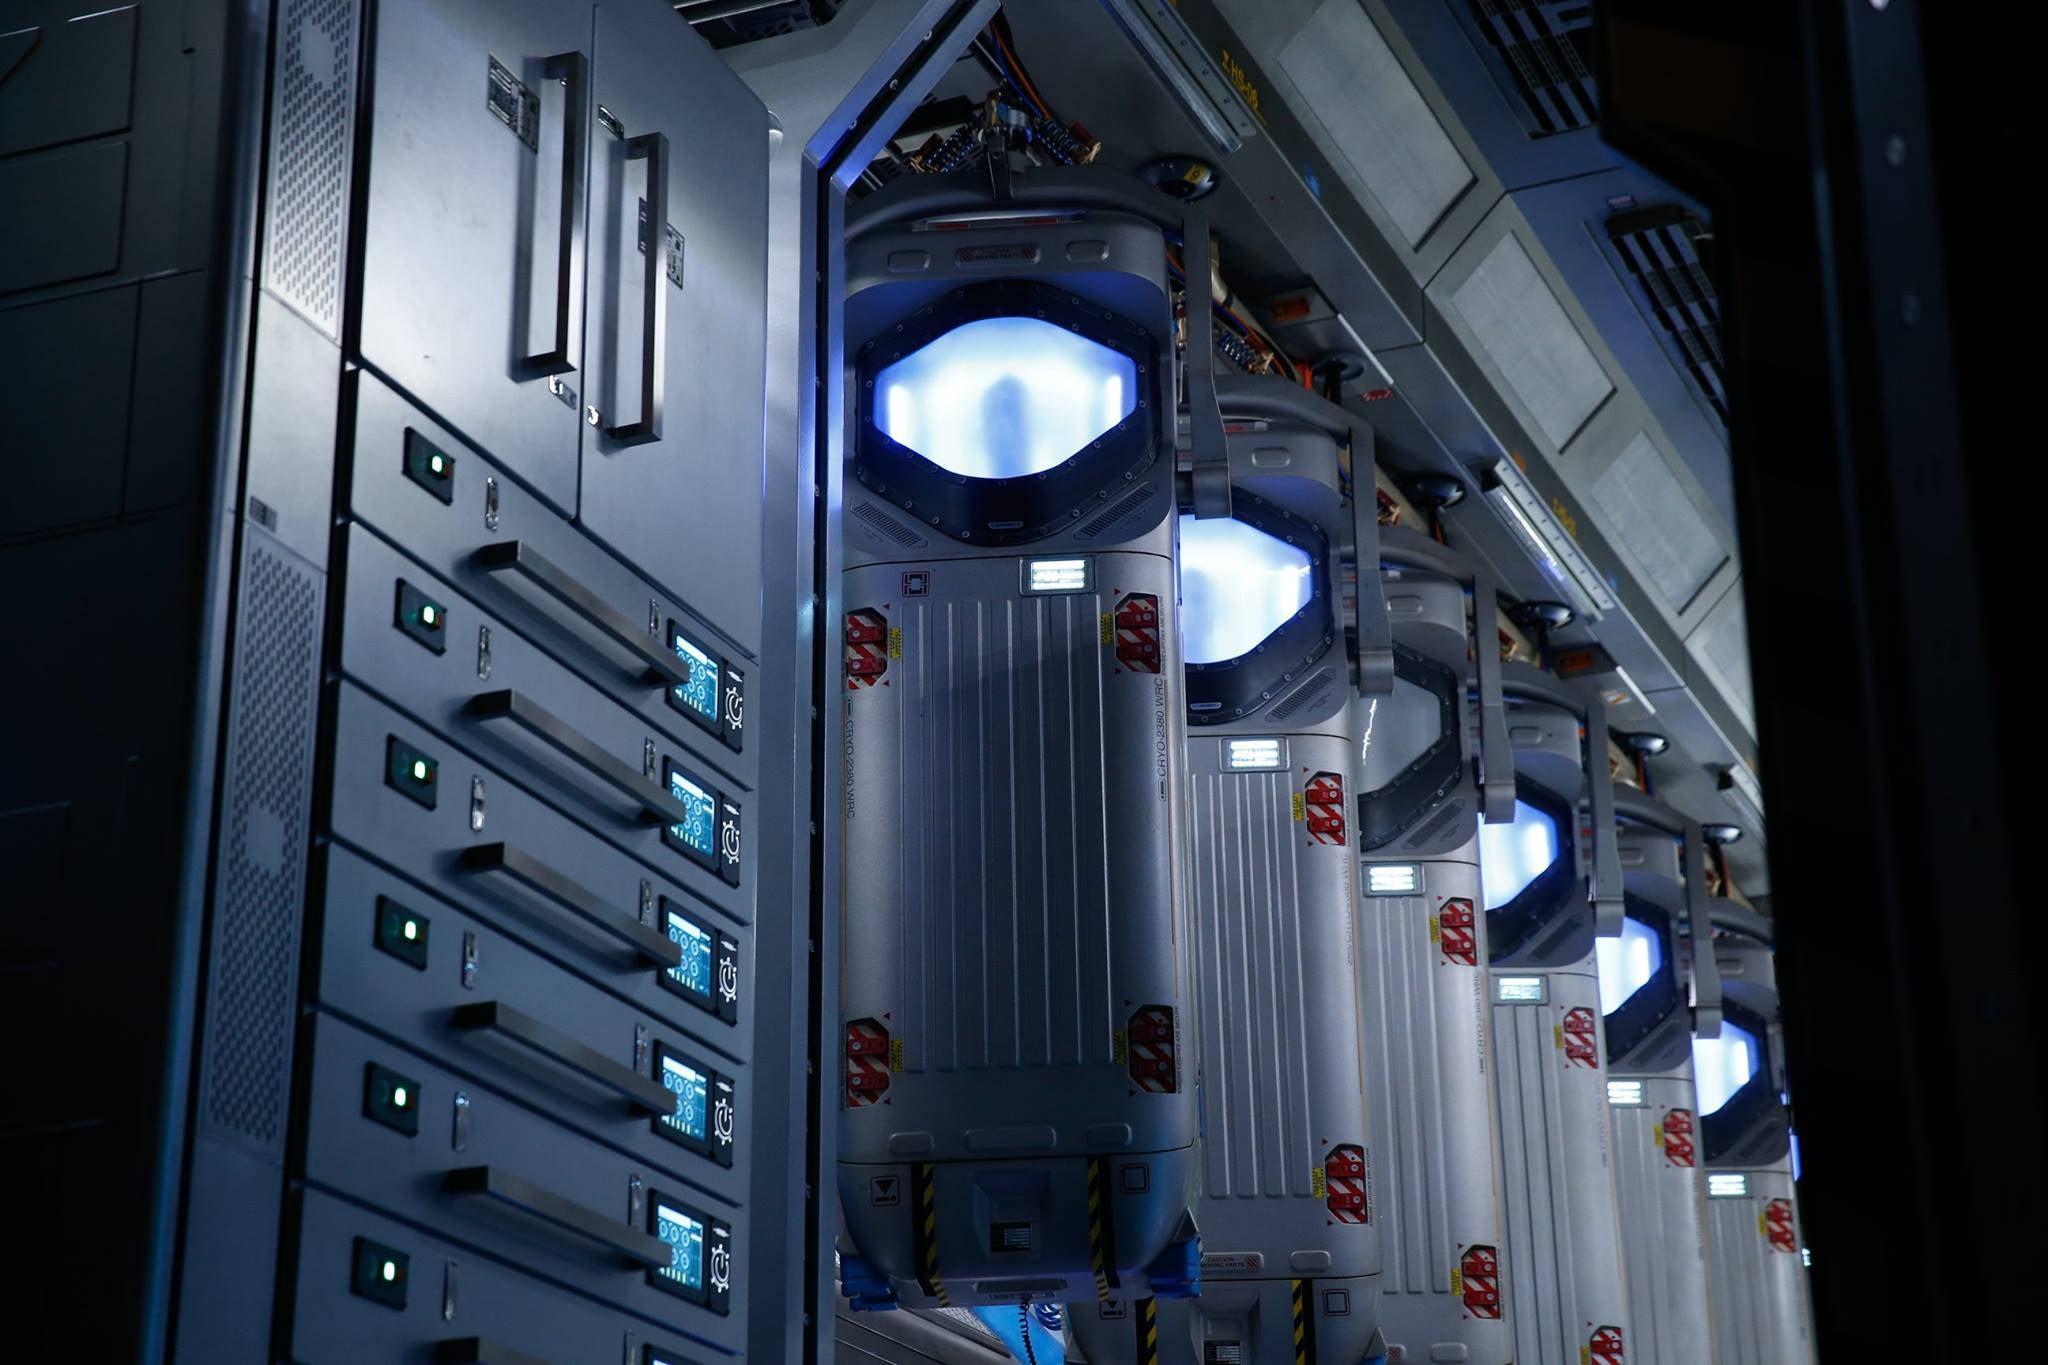 Alien Covenant Teaser Image Hybernation Pods